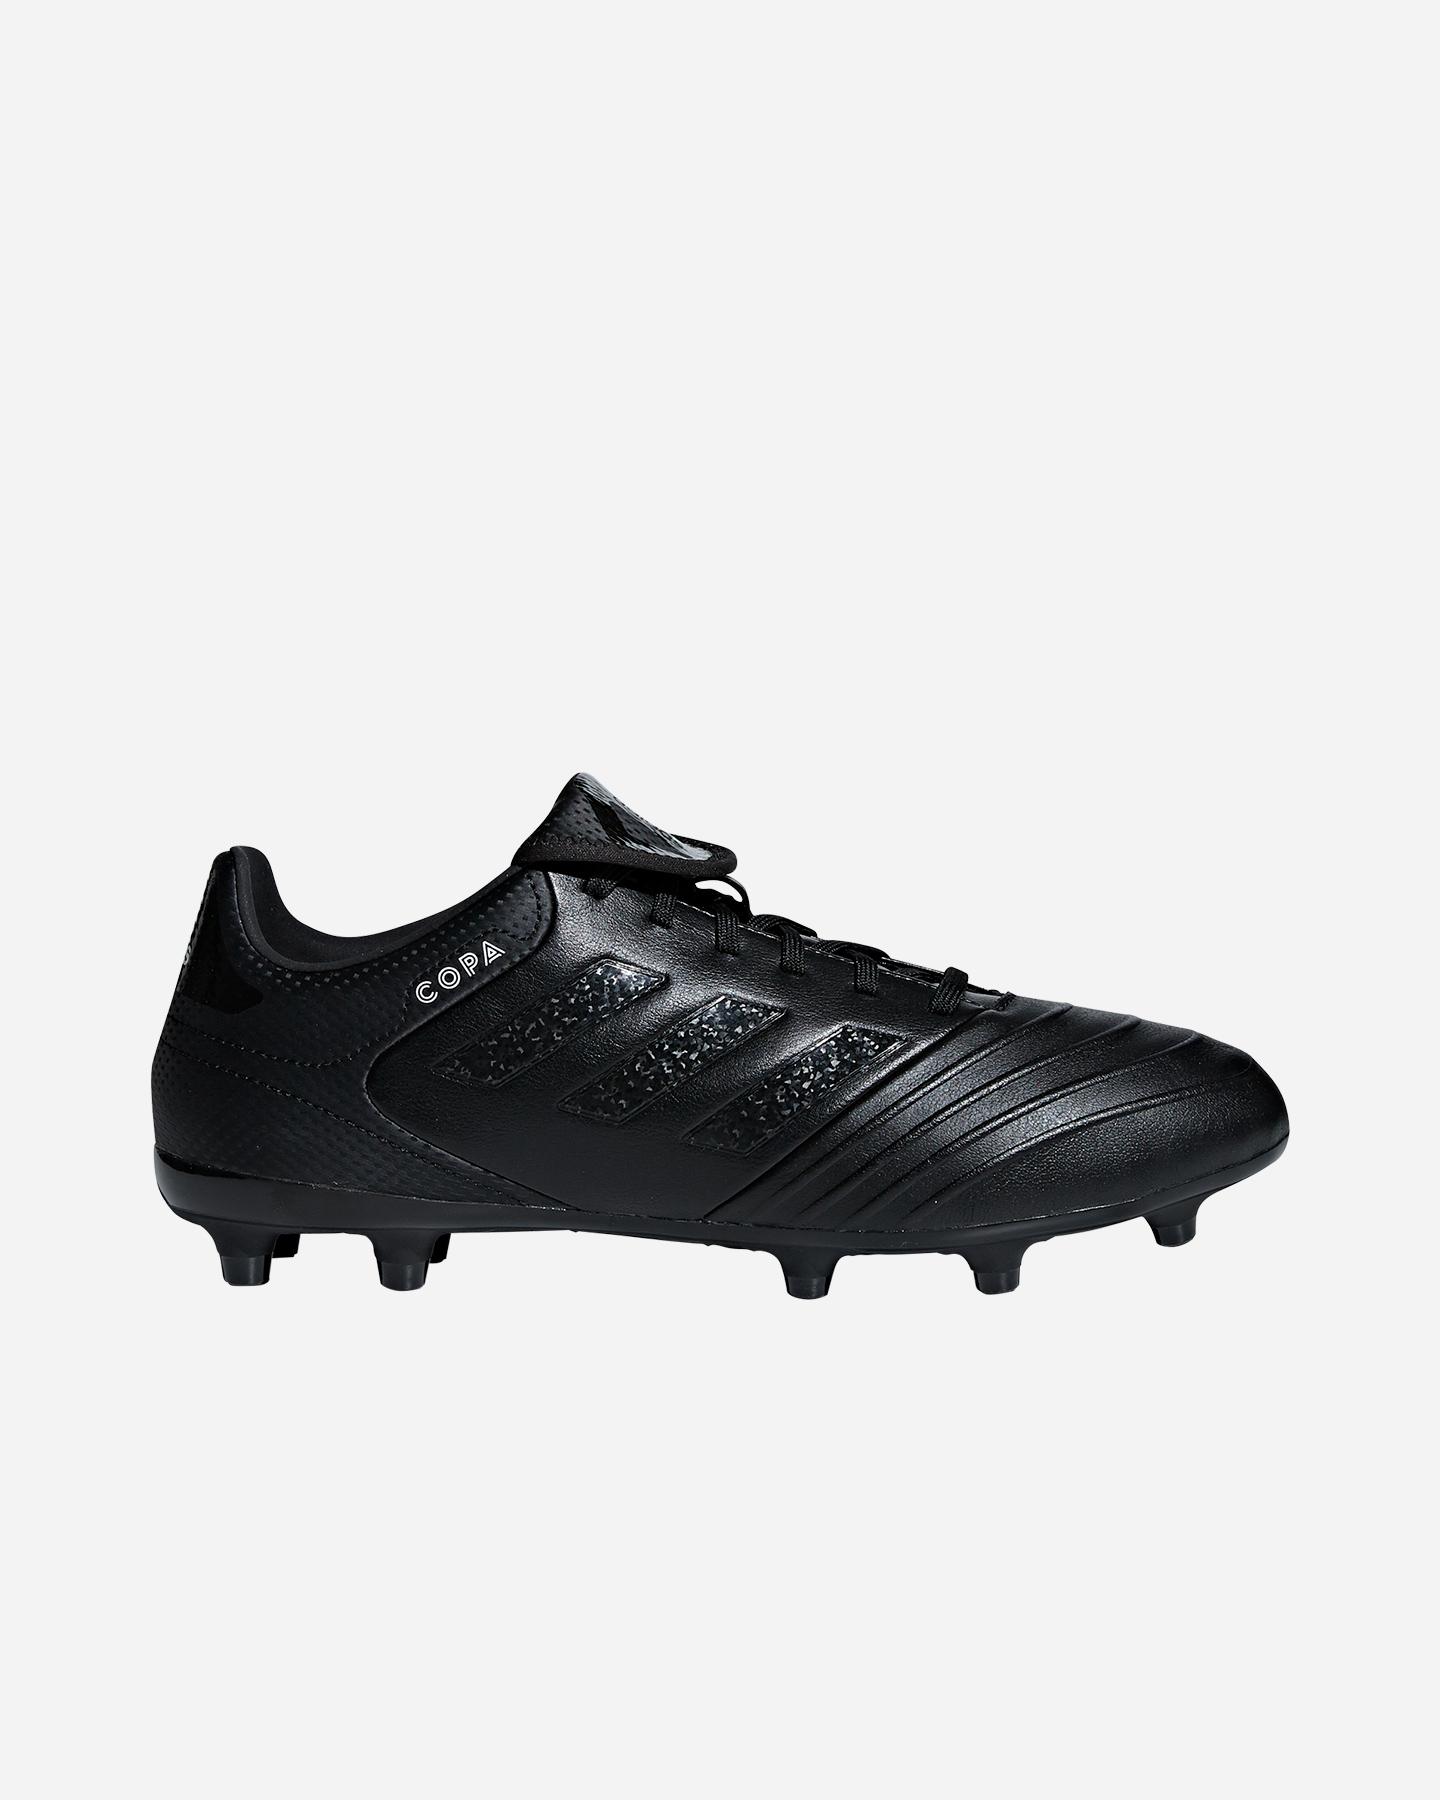 scarpe da calcio uomo 6 tacchetti adidas,Scopri la selezione